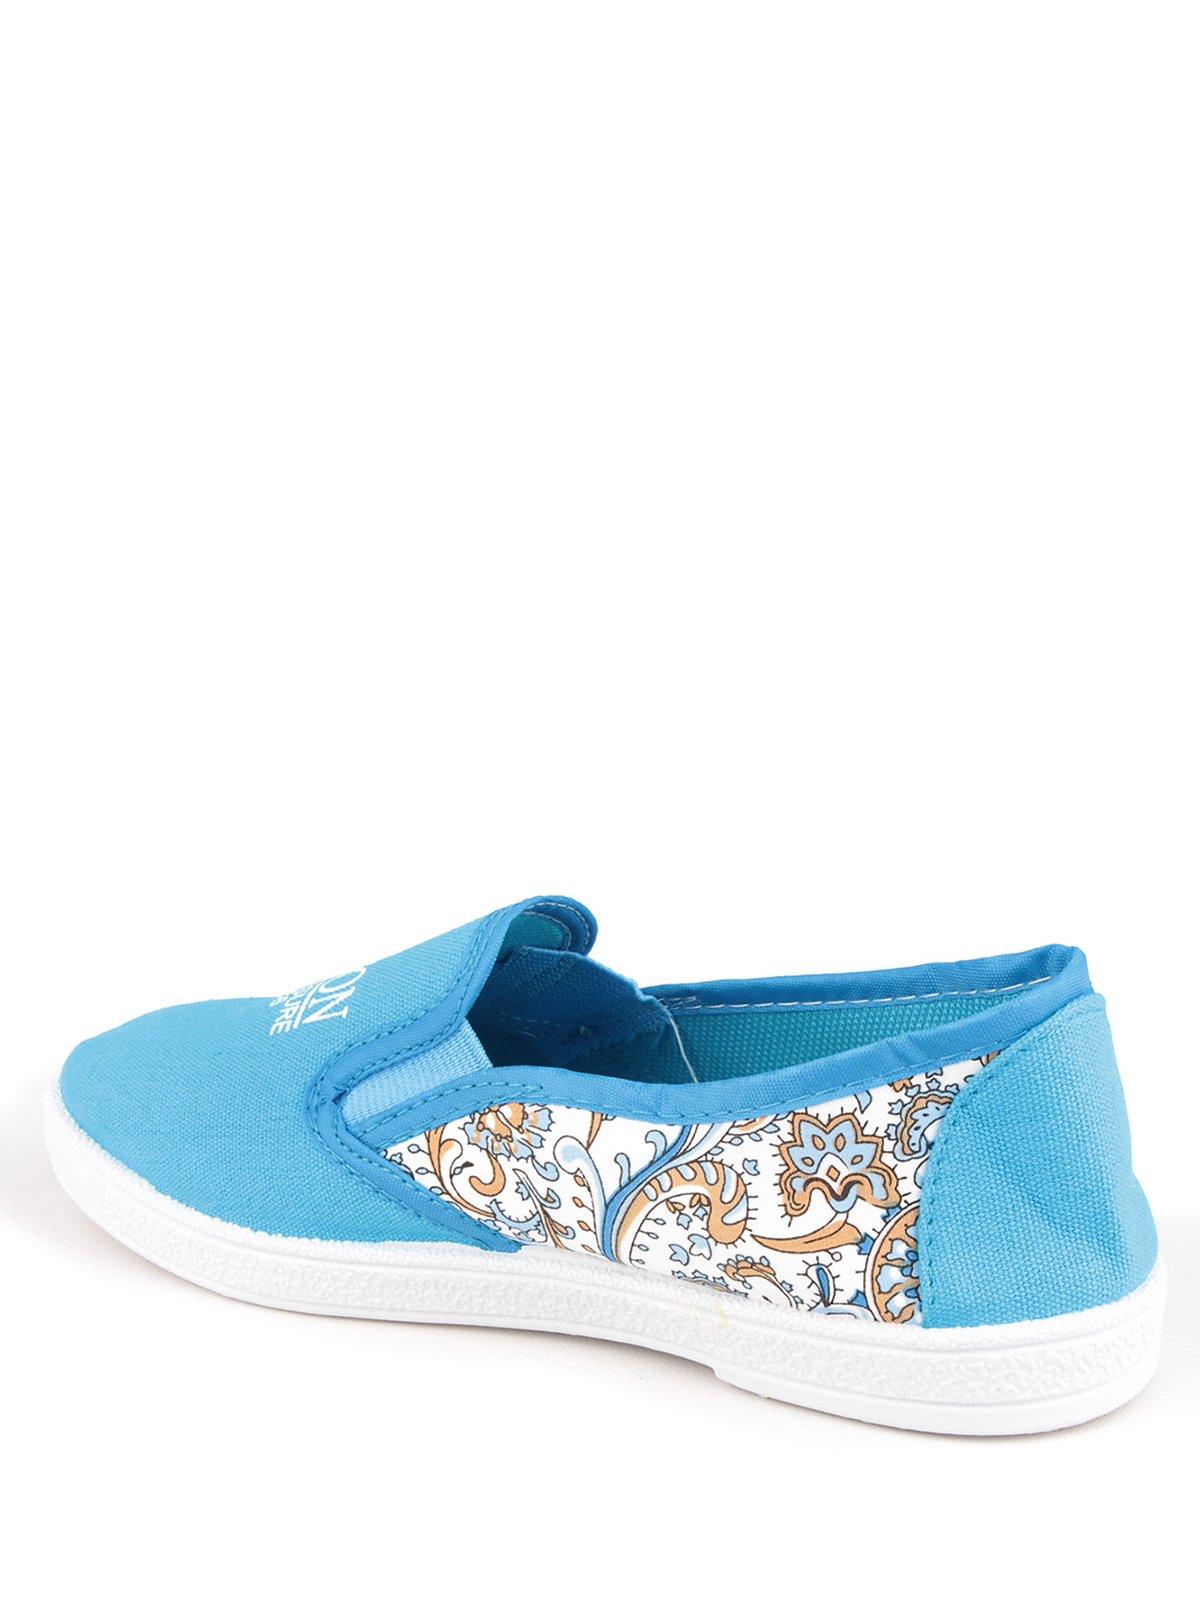 Слипоны голубые с цветочным принтом | 3170908 | фото 3